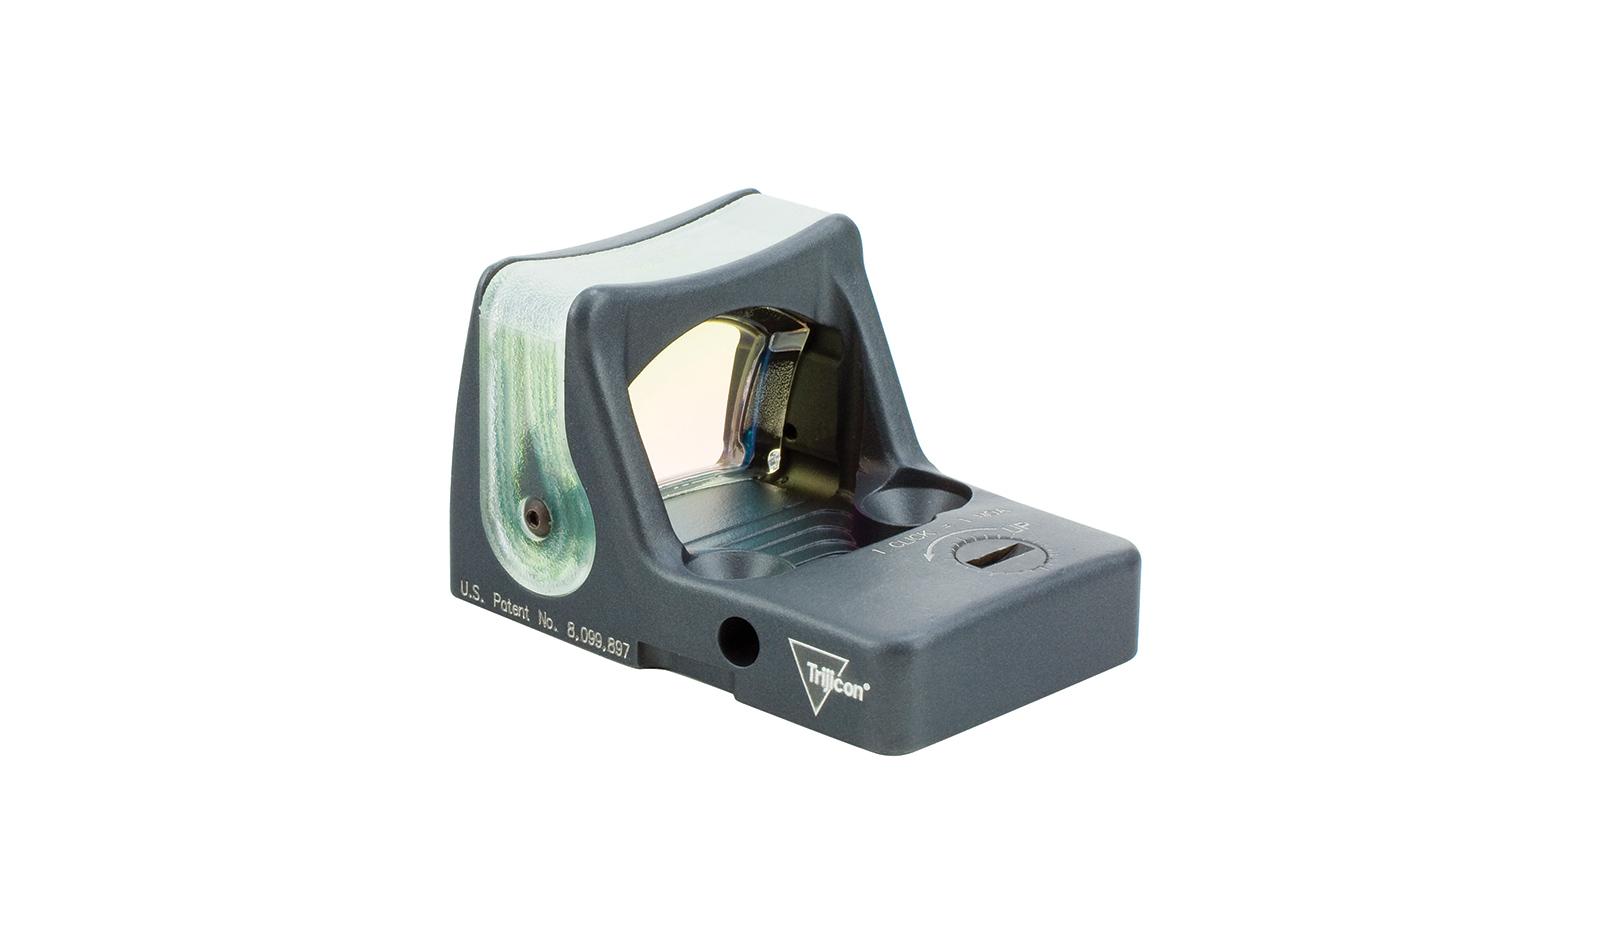 RM03-C-700142 angle 3